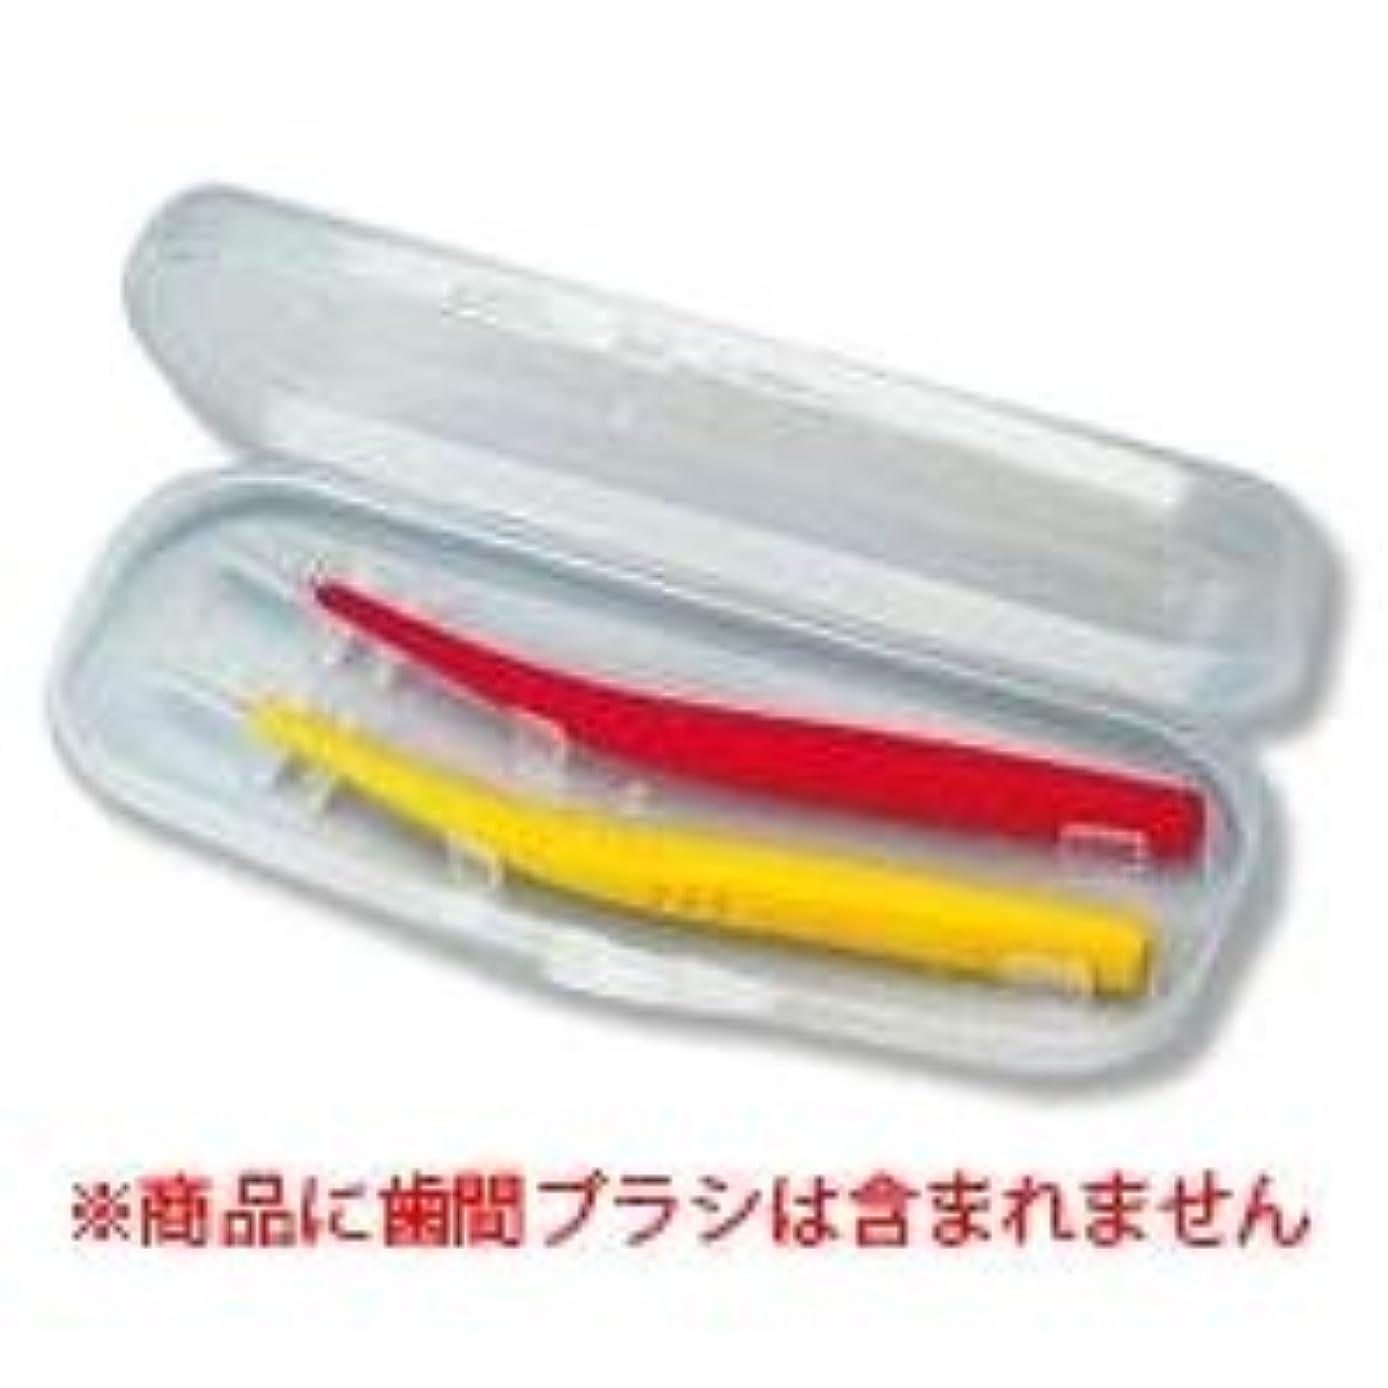 南万歳スチール【ジーシー(GC)】【歯科用】プロスペック歯間ブラシ カーブ ケース 1個【歯間ブラシケース】